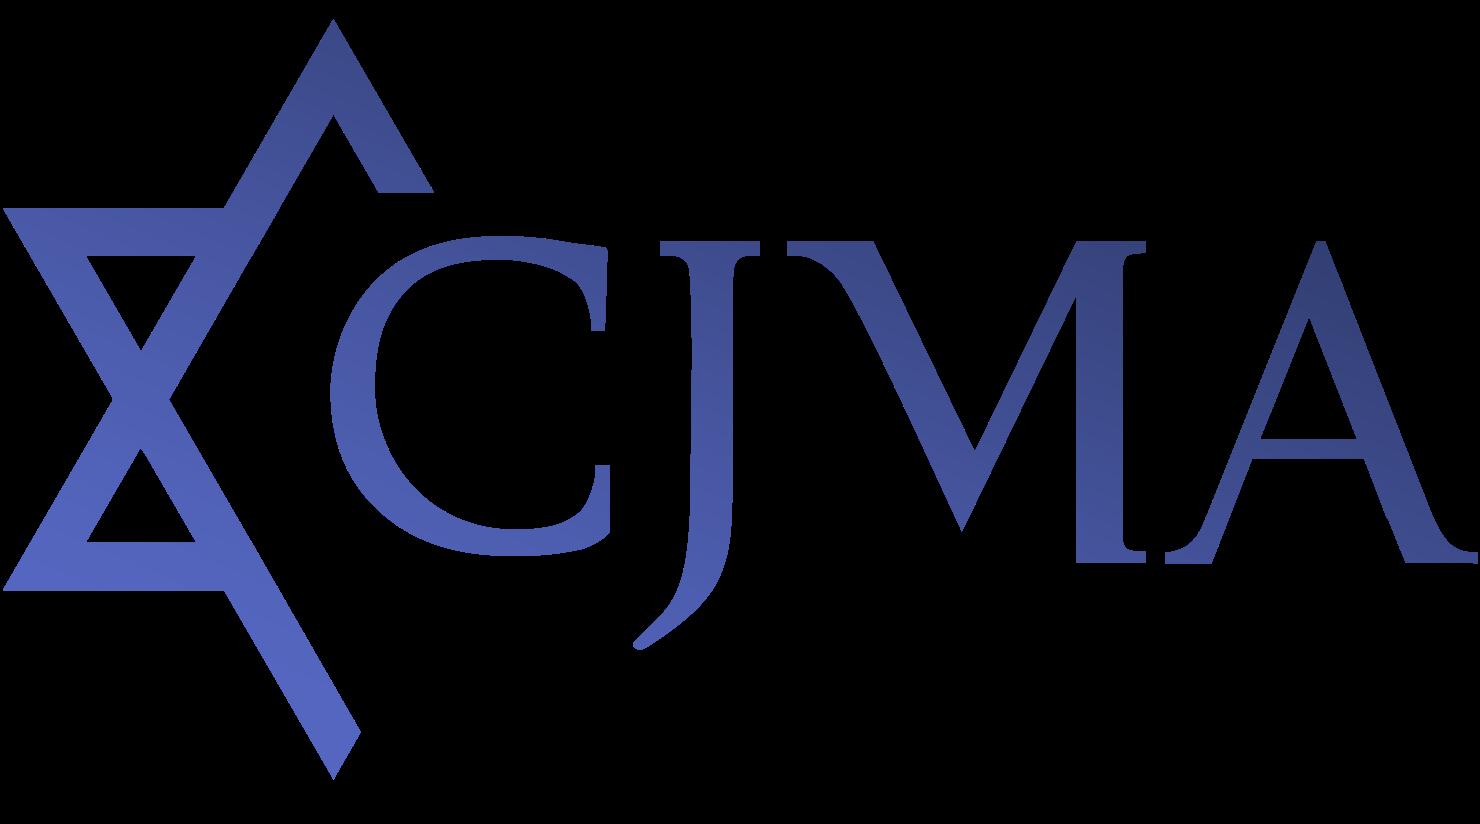 Comunidad Judia Malaga